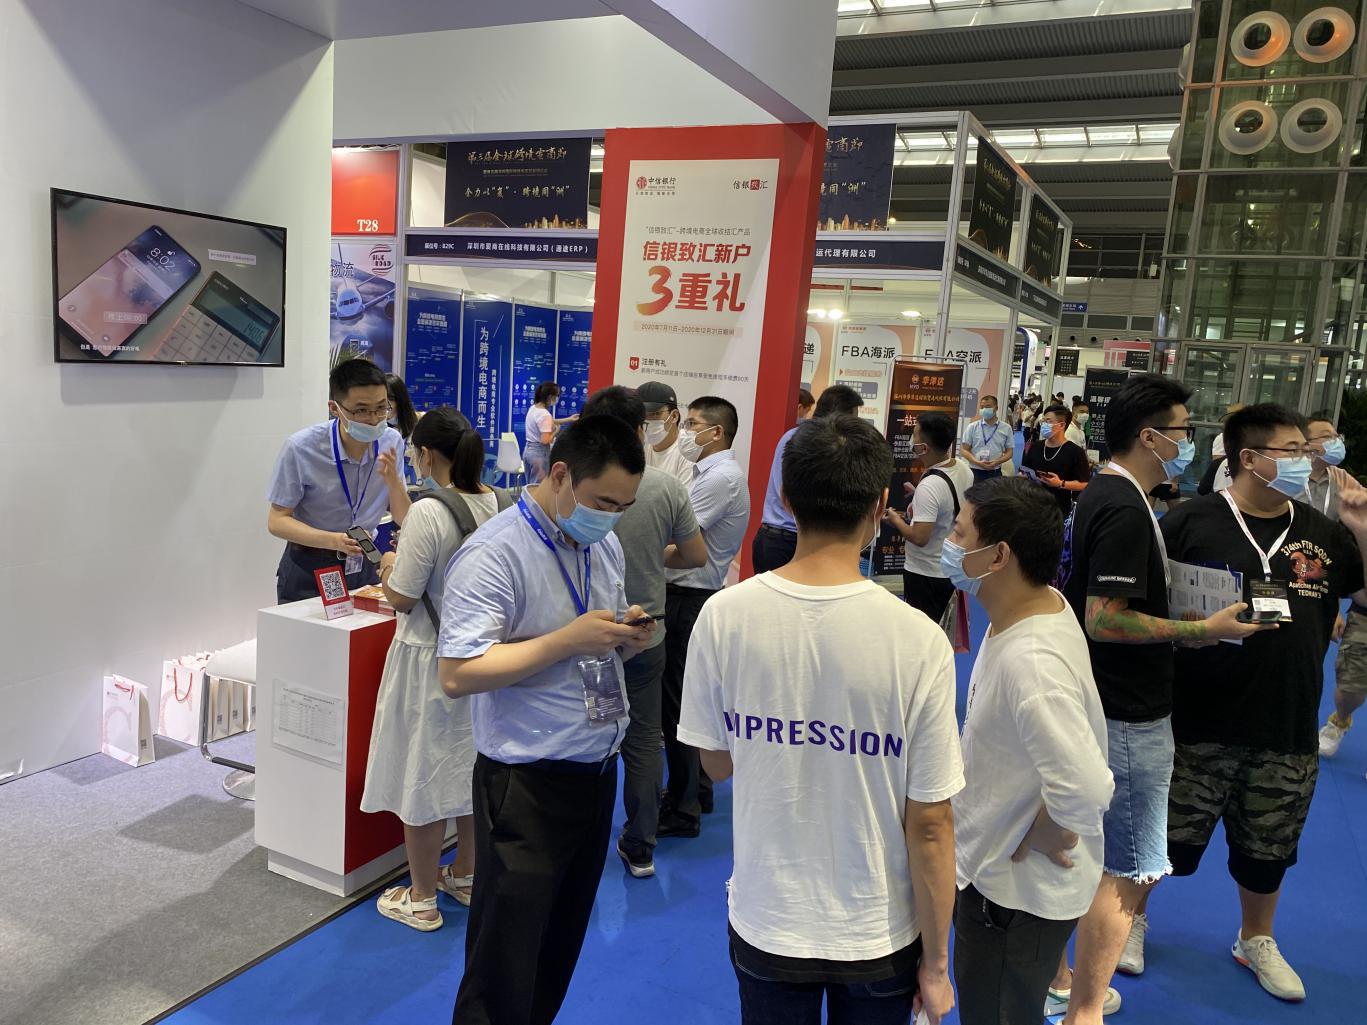 中信银行深圳分行亮相全球跨境电商节 一站式提供跨境收款服务